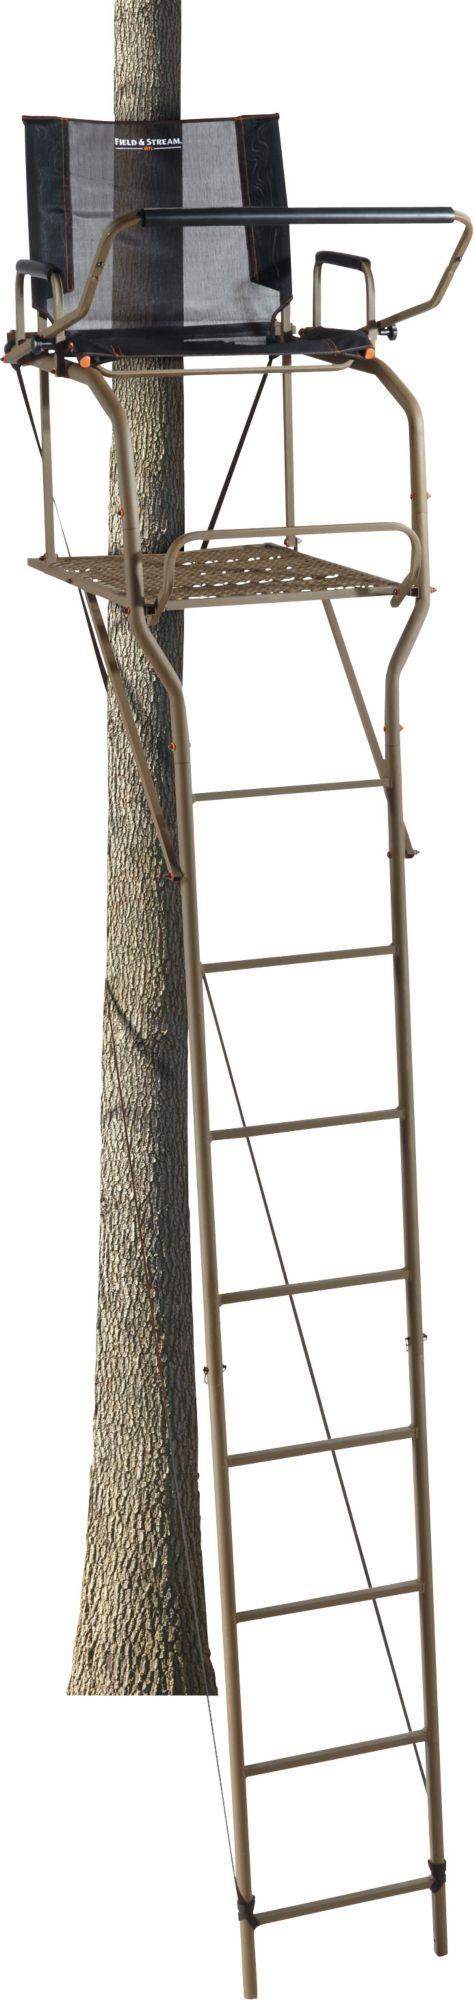 Field & Stream Outpost XL 17′ Ladder Stand, black